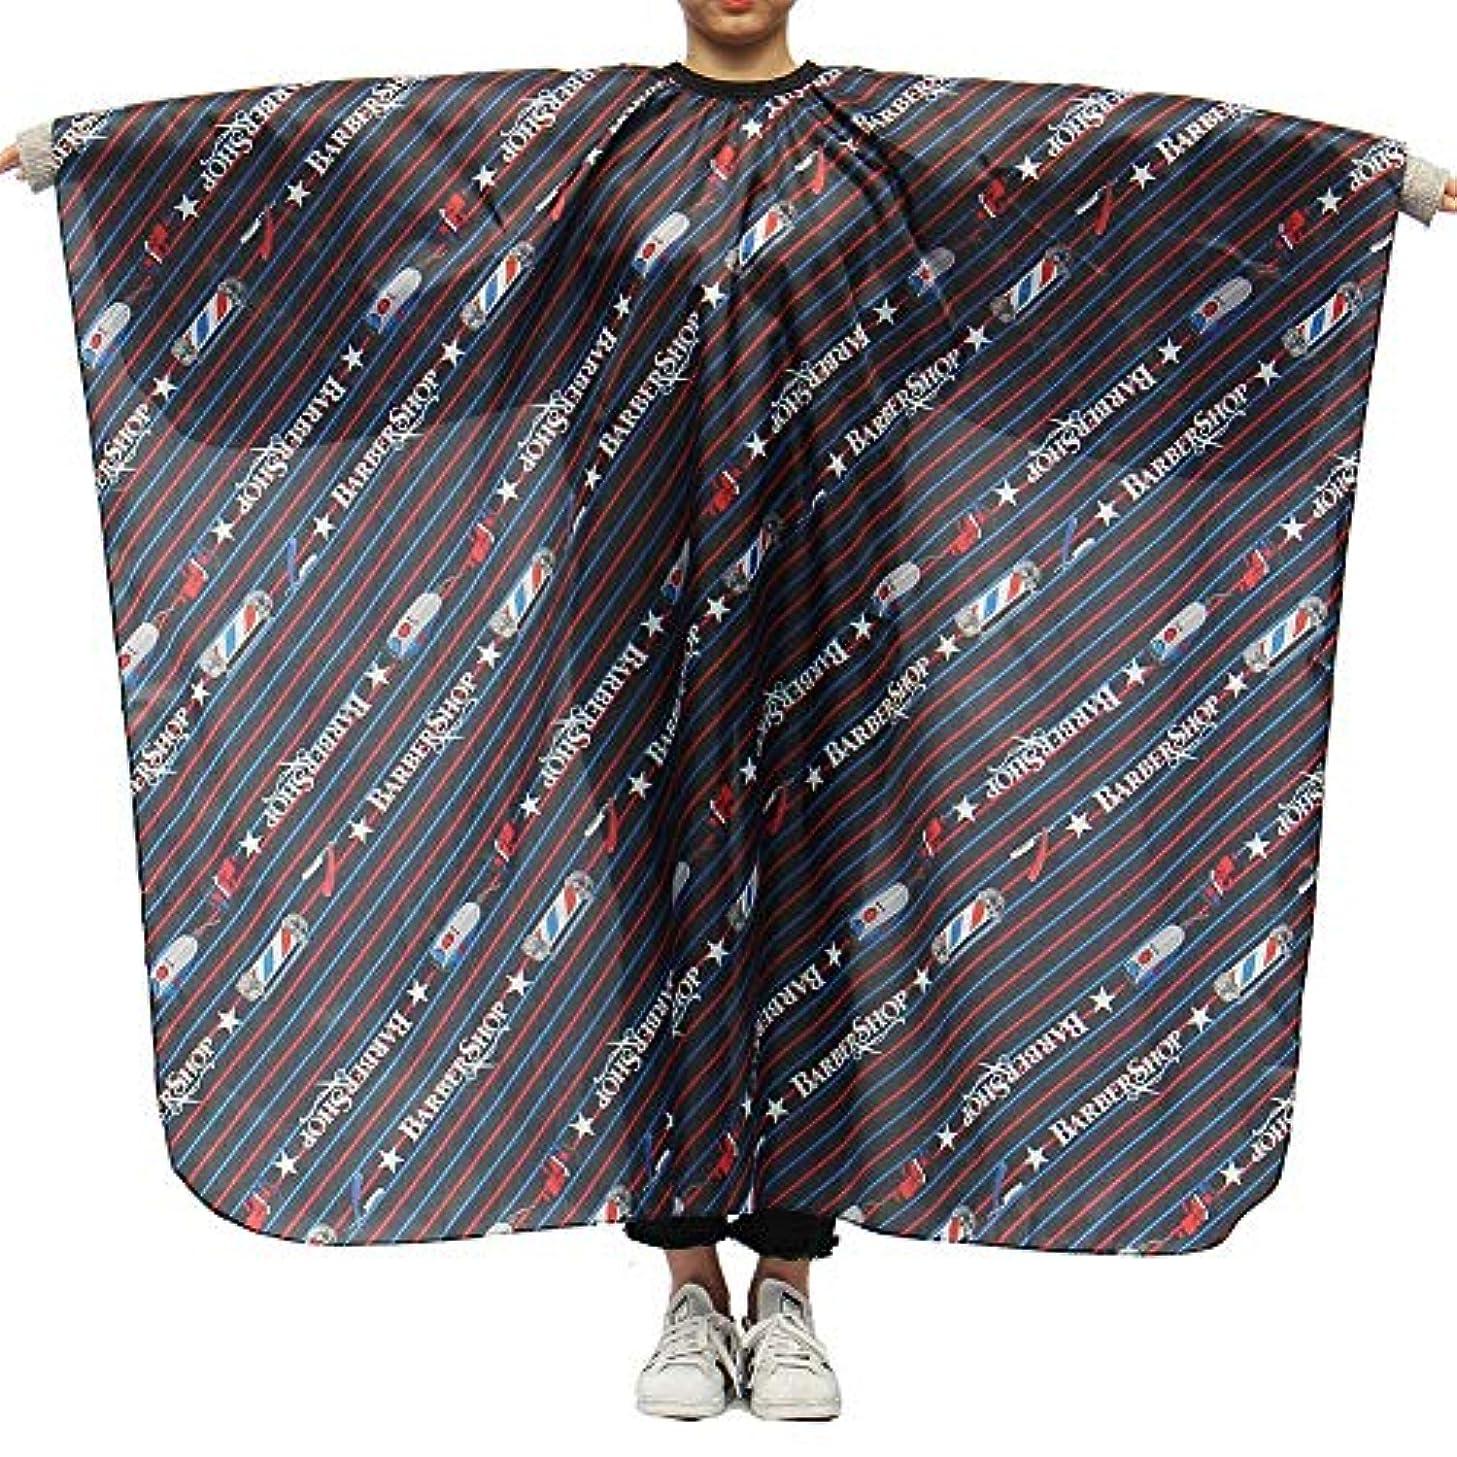 穿孔するアパルバイソンLing(リンー)-ビューティー 理髪ケープ 理髪布 店用 家庭用 通気性 滑らか ポリエステル製